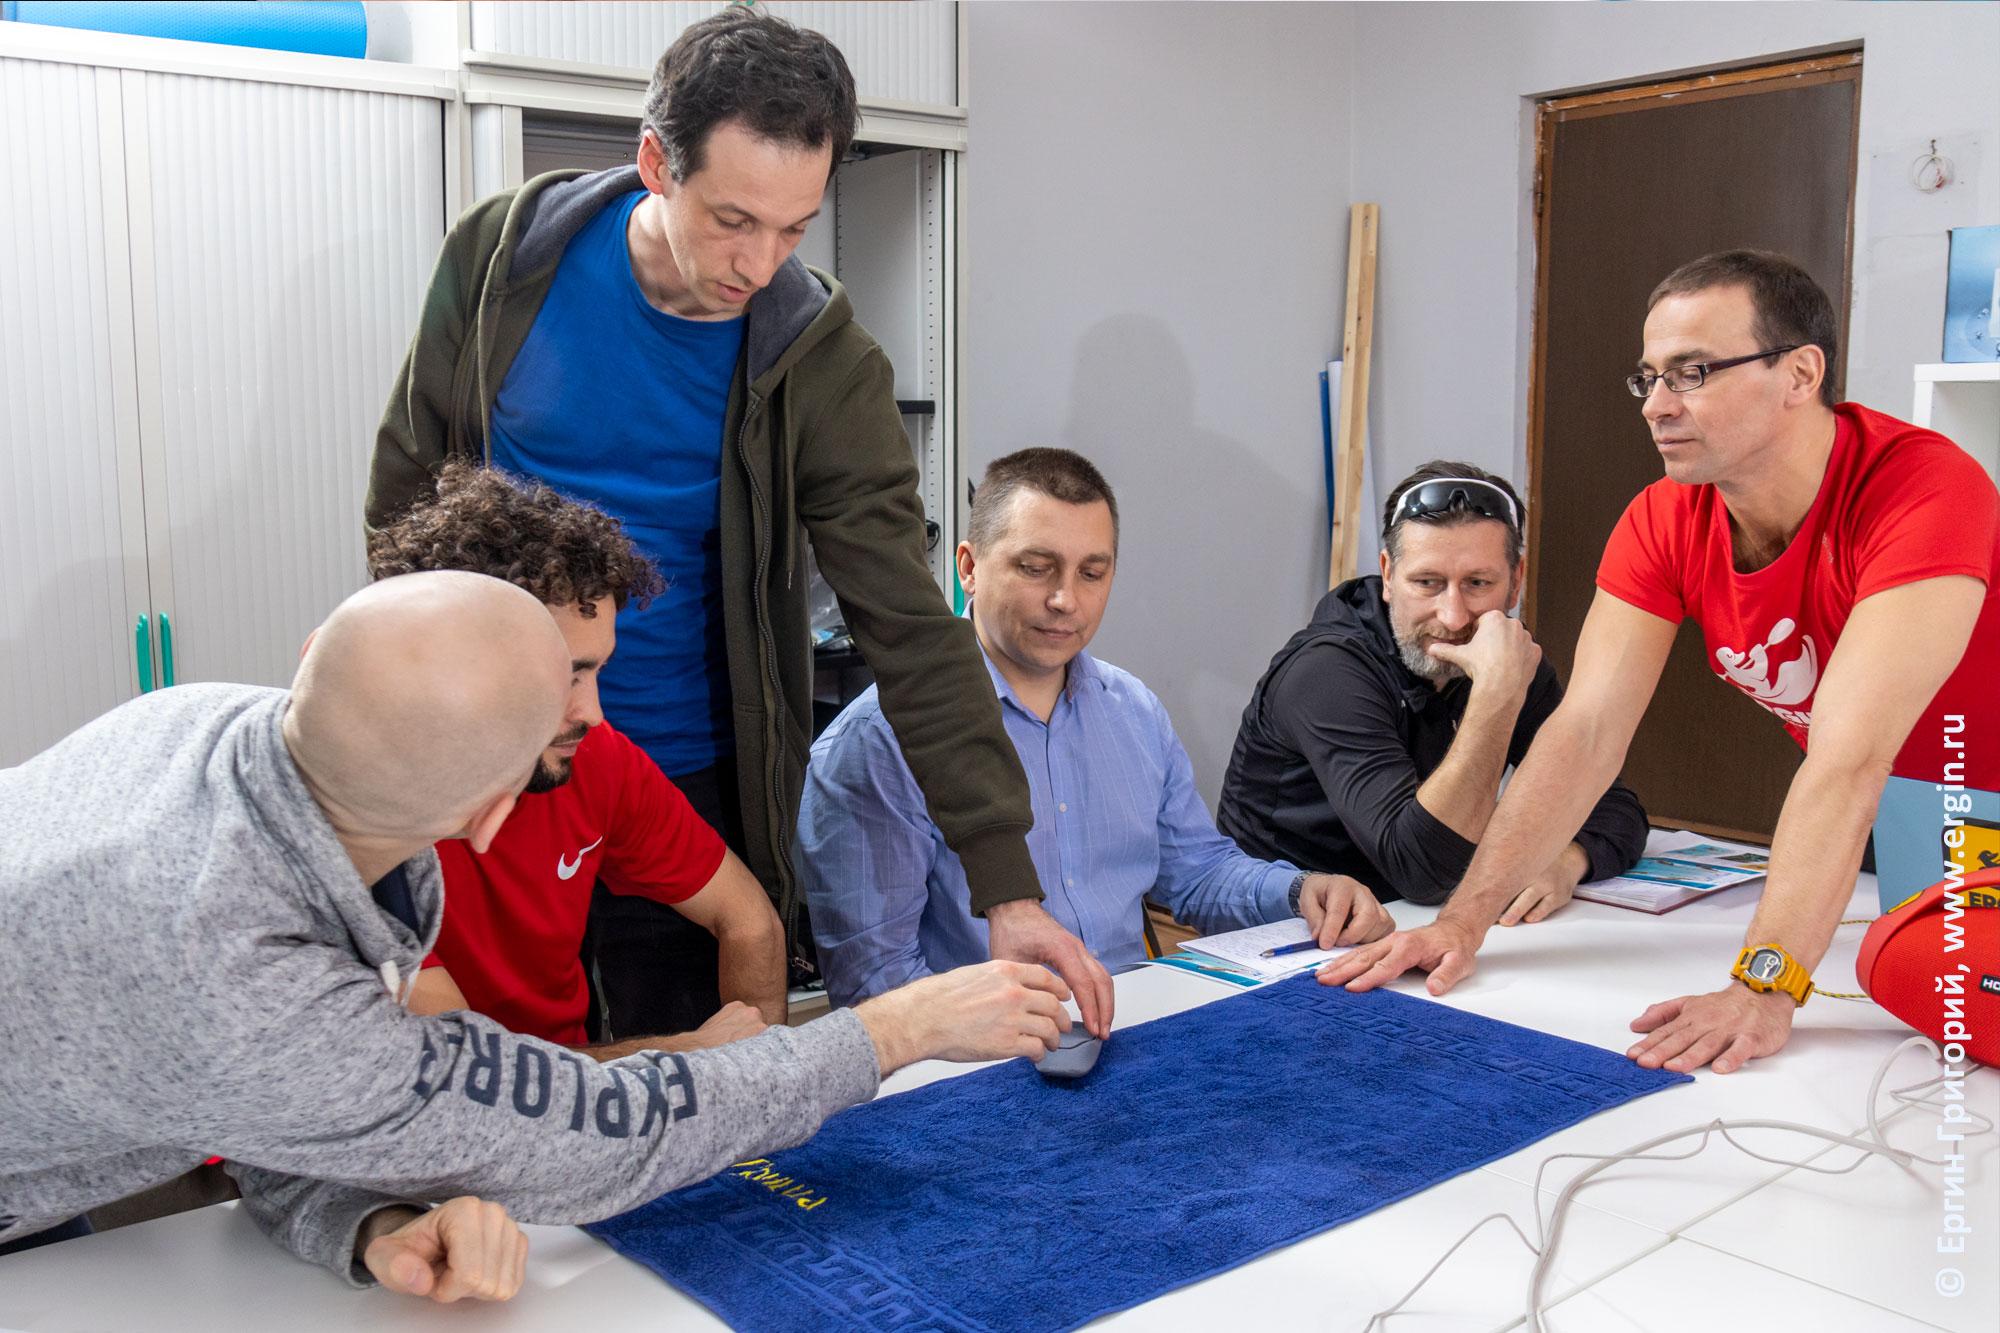 Практические занятия на освоение правильных кренов на каяке при входе в струю на семинаре для каякеров